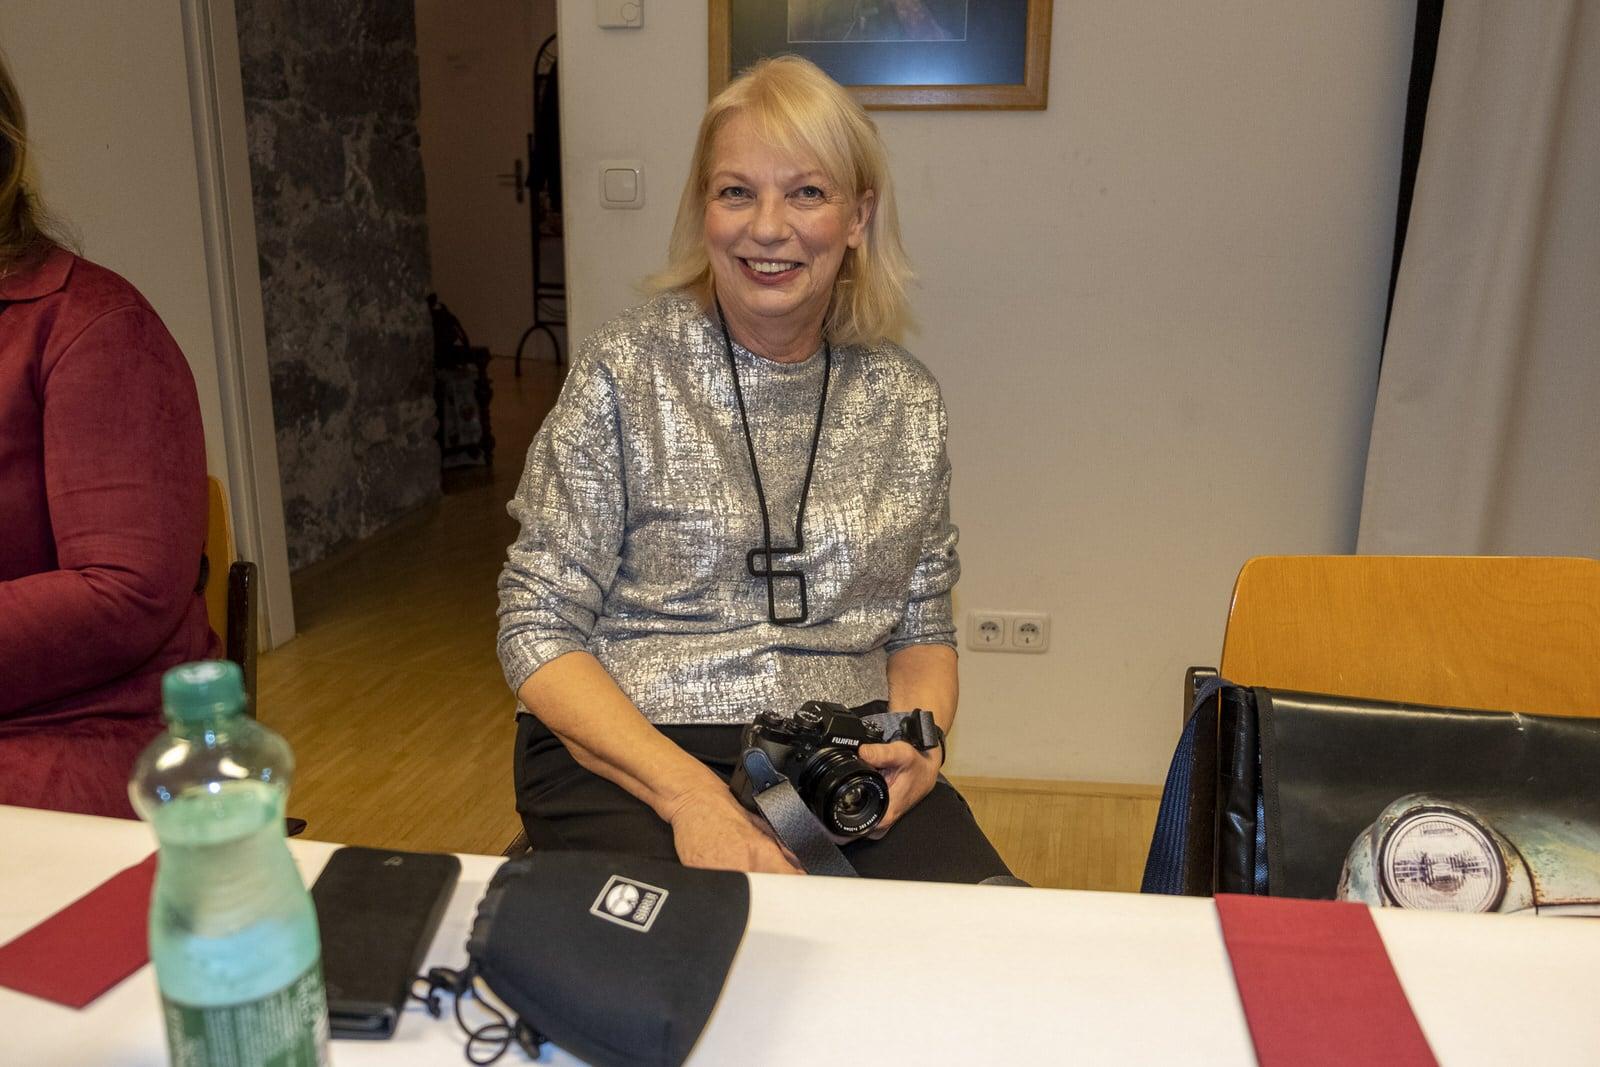 Chefin der Kassa: Elke Pölderl